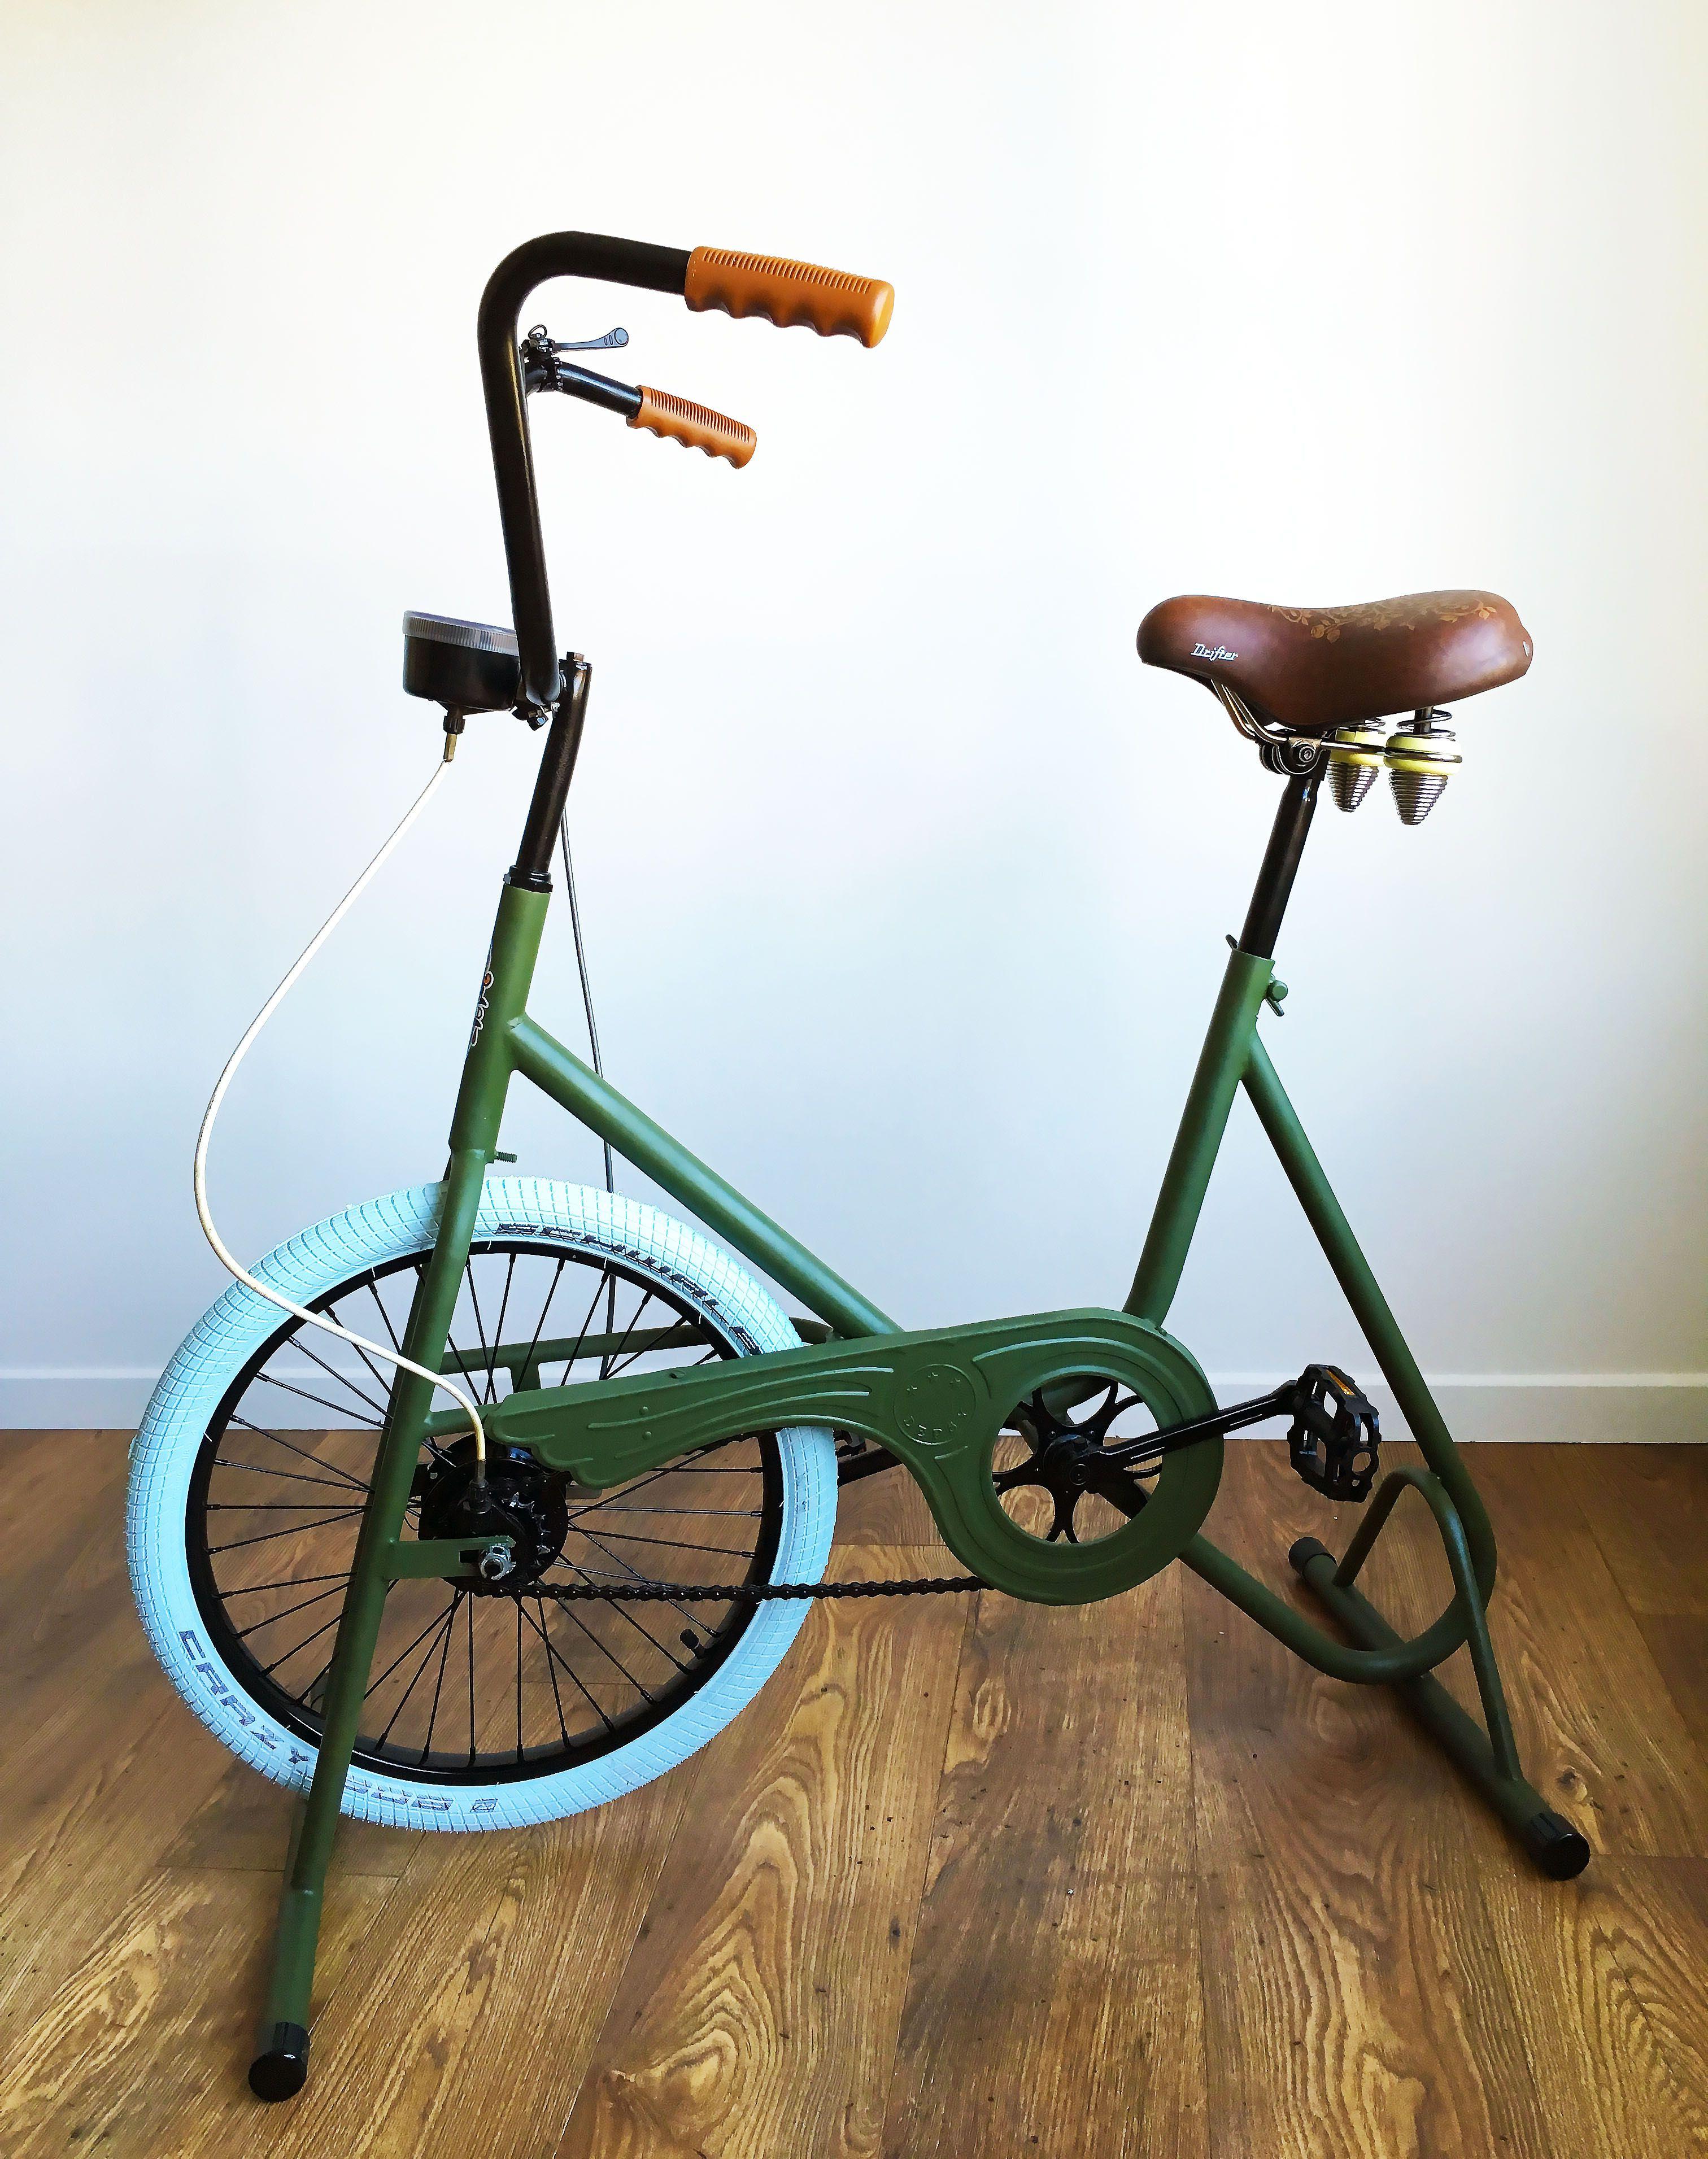 Velo Appartement Pour Enfant vélo d'appartement vintage | velo d'appartement, velo, vintage